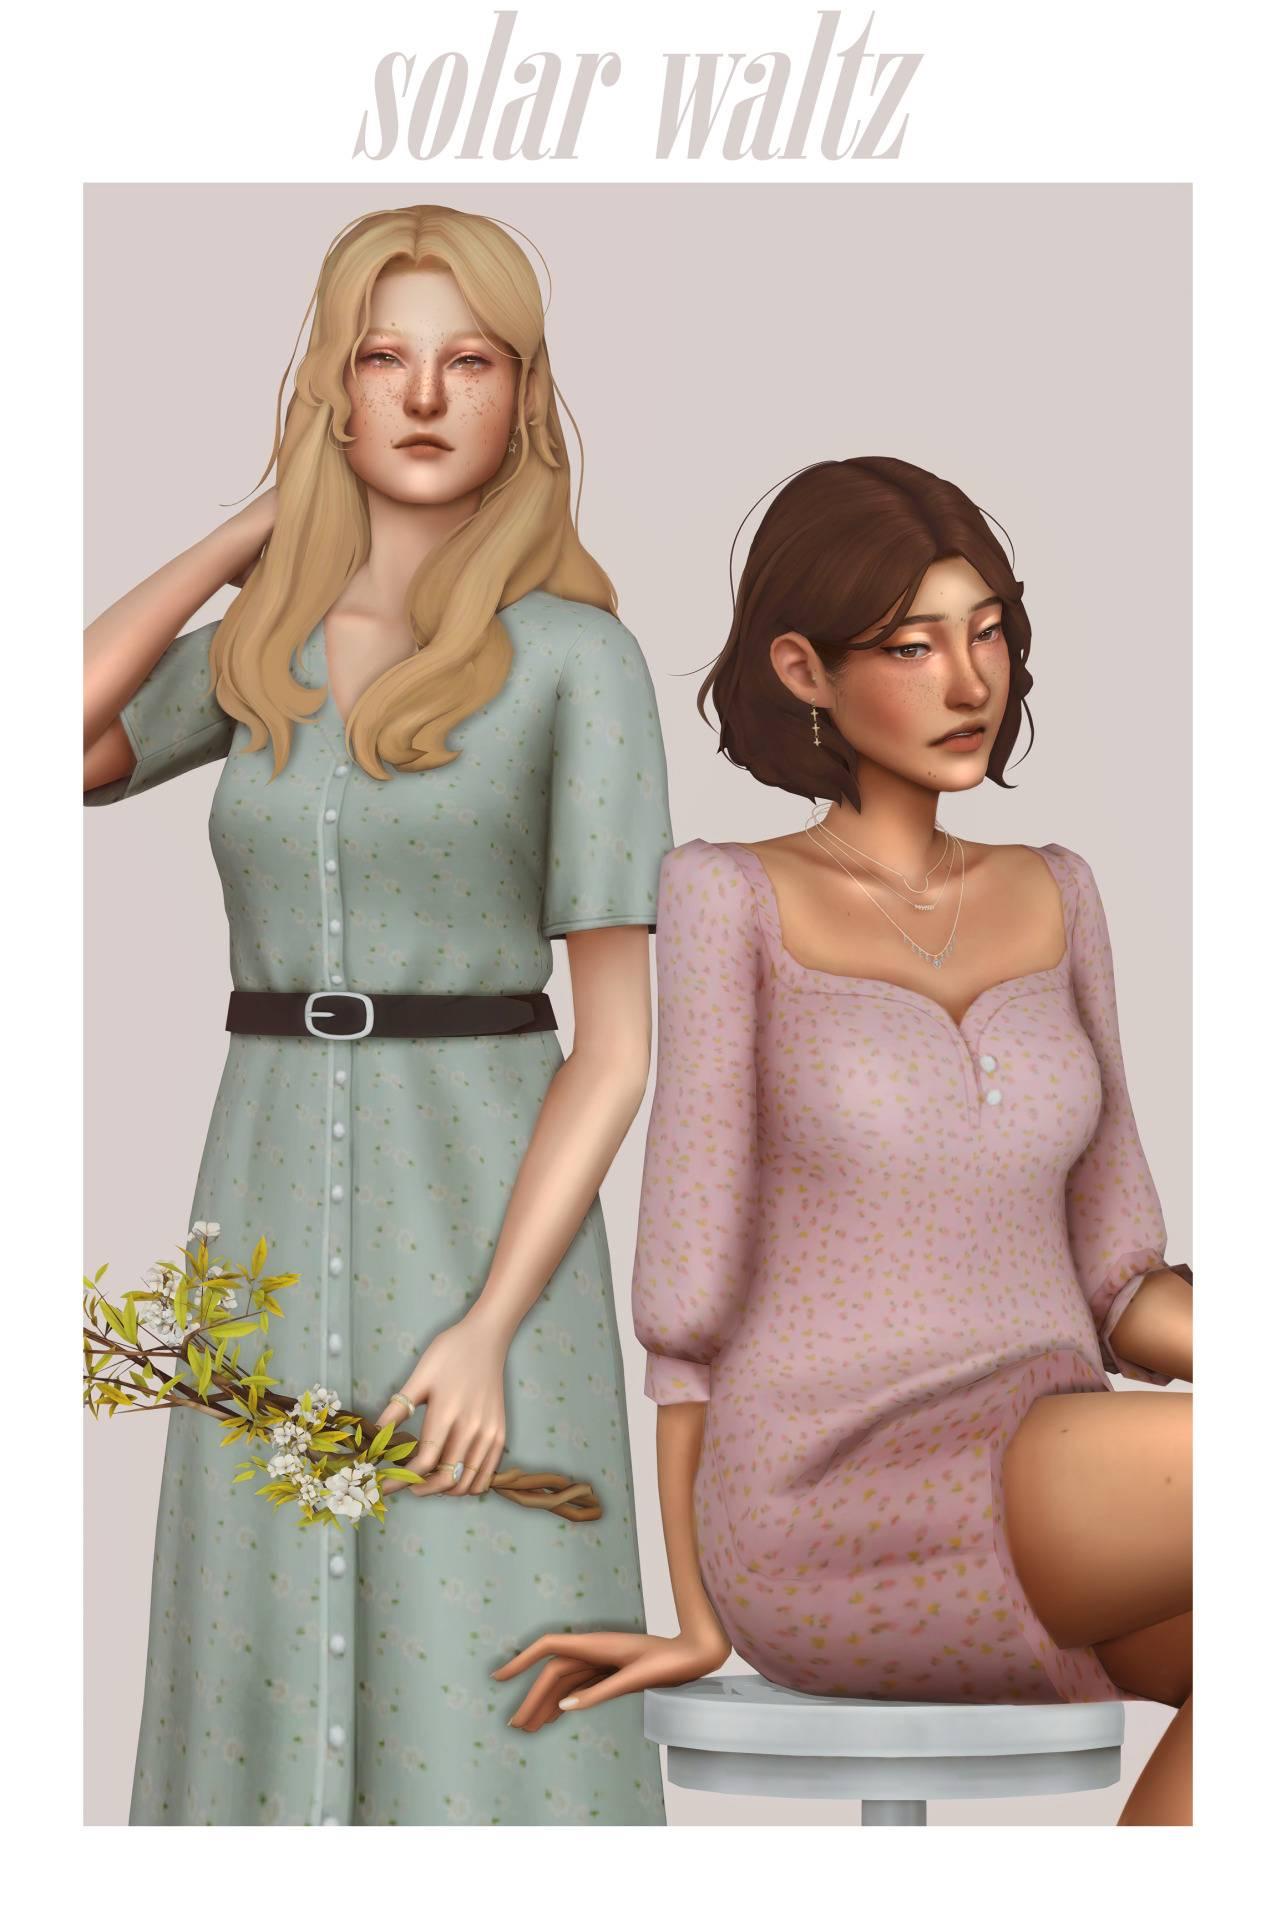 Набор одежды и причесок для женщин - Solar waltz